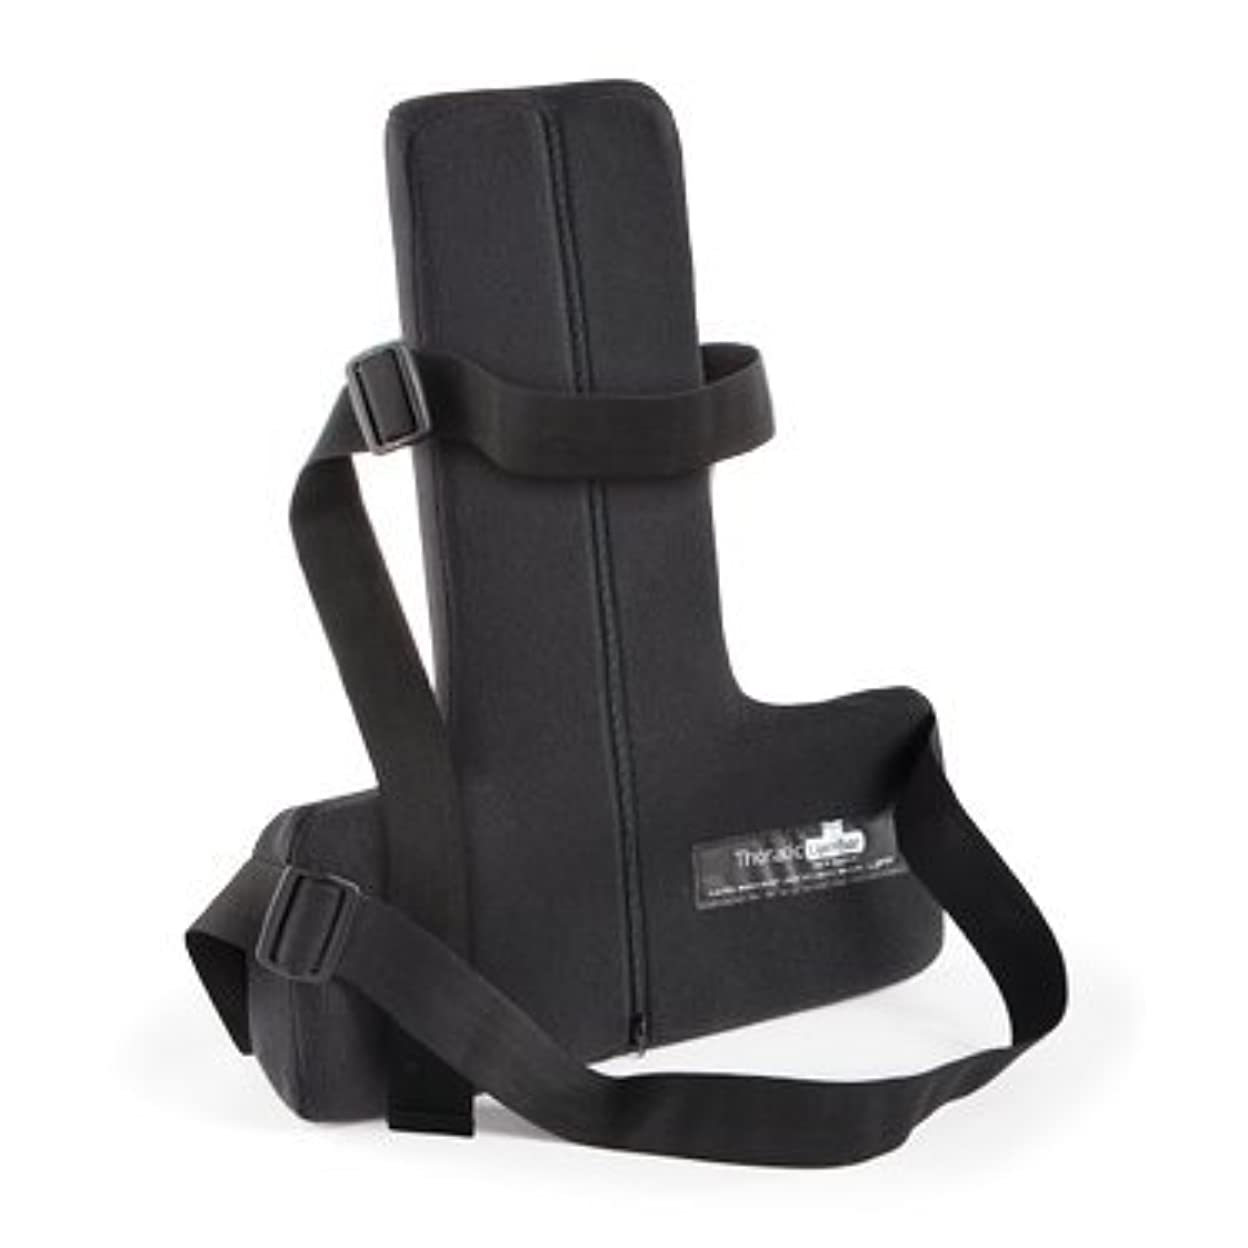 通訳コピーレーニン主義オーピーティー 自宅 車内 オフィス 椅子腰椎サポート 正しい姿勢で背中 肩 首への負担を減らすクッション